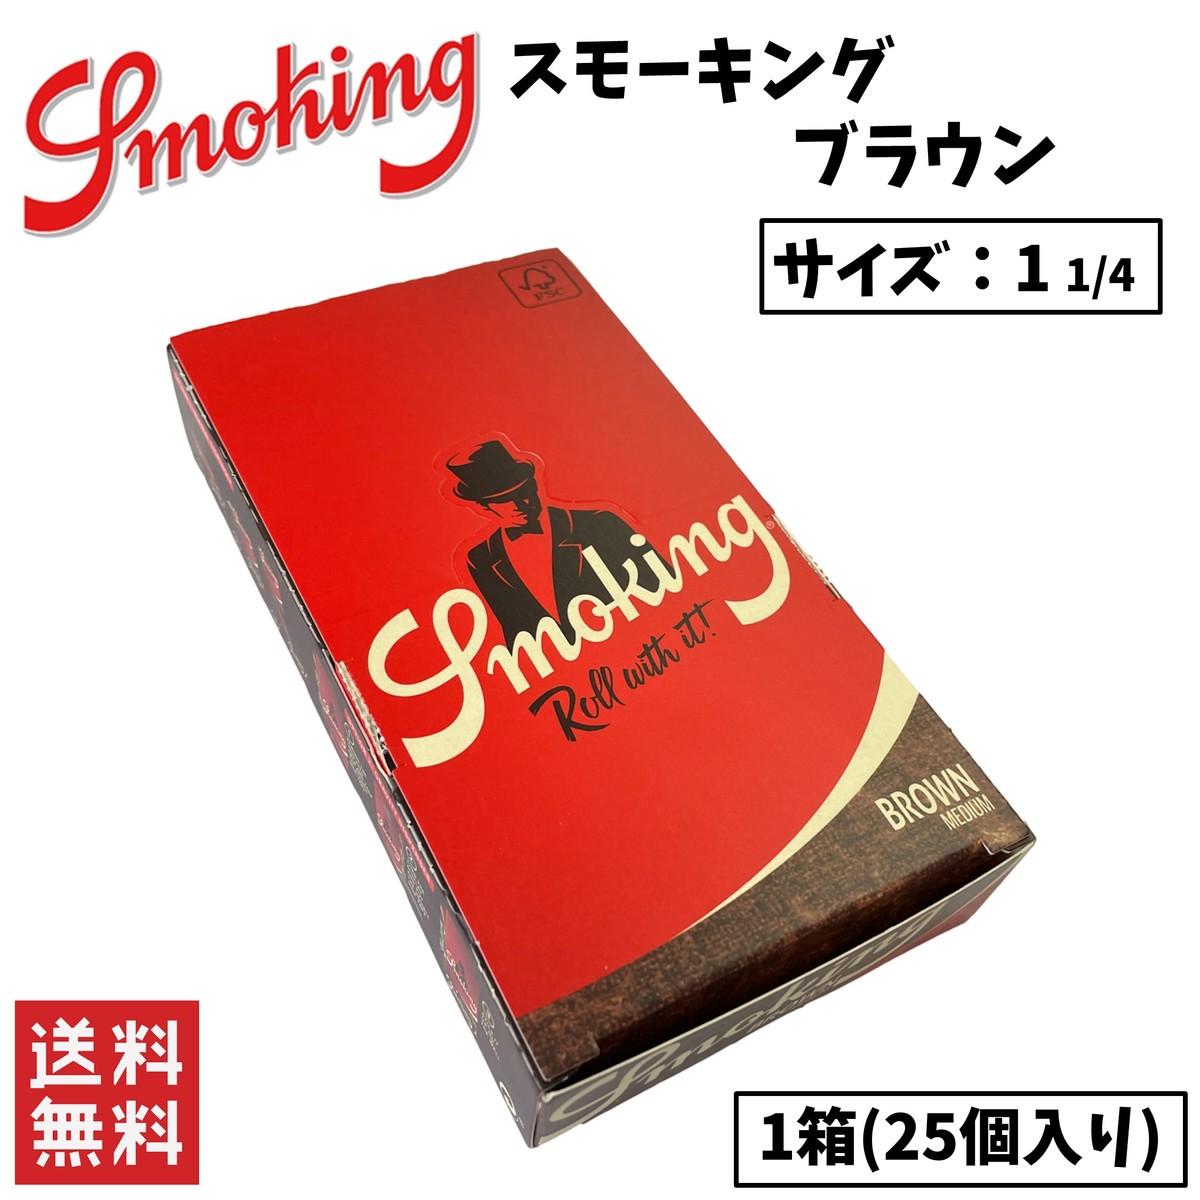 世界的に有名な手巻きタバコブランド Smoking Brown スモーキング ブラウン 1 4 喫煙具 1箱 ペーパー 定番の人気シリーズPOINT(ポイント)入荷 25個入り セール 登場から人気沸騰 ワンクォーター 手巻きたばこ